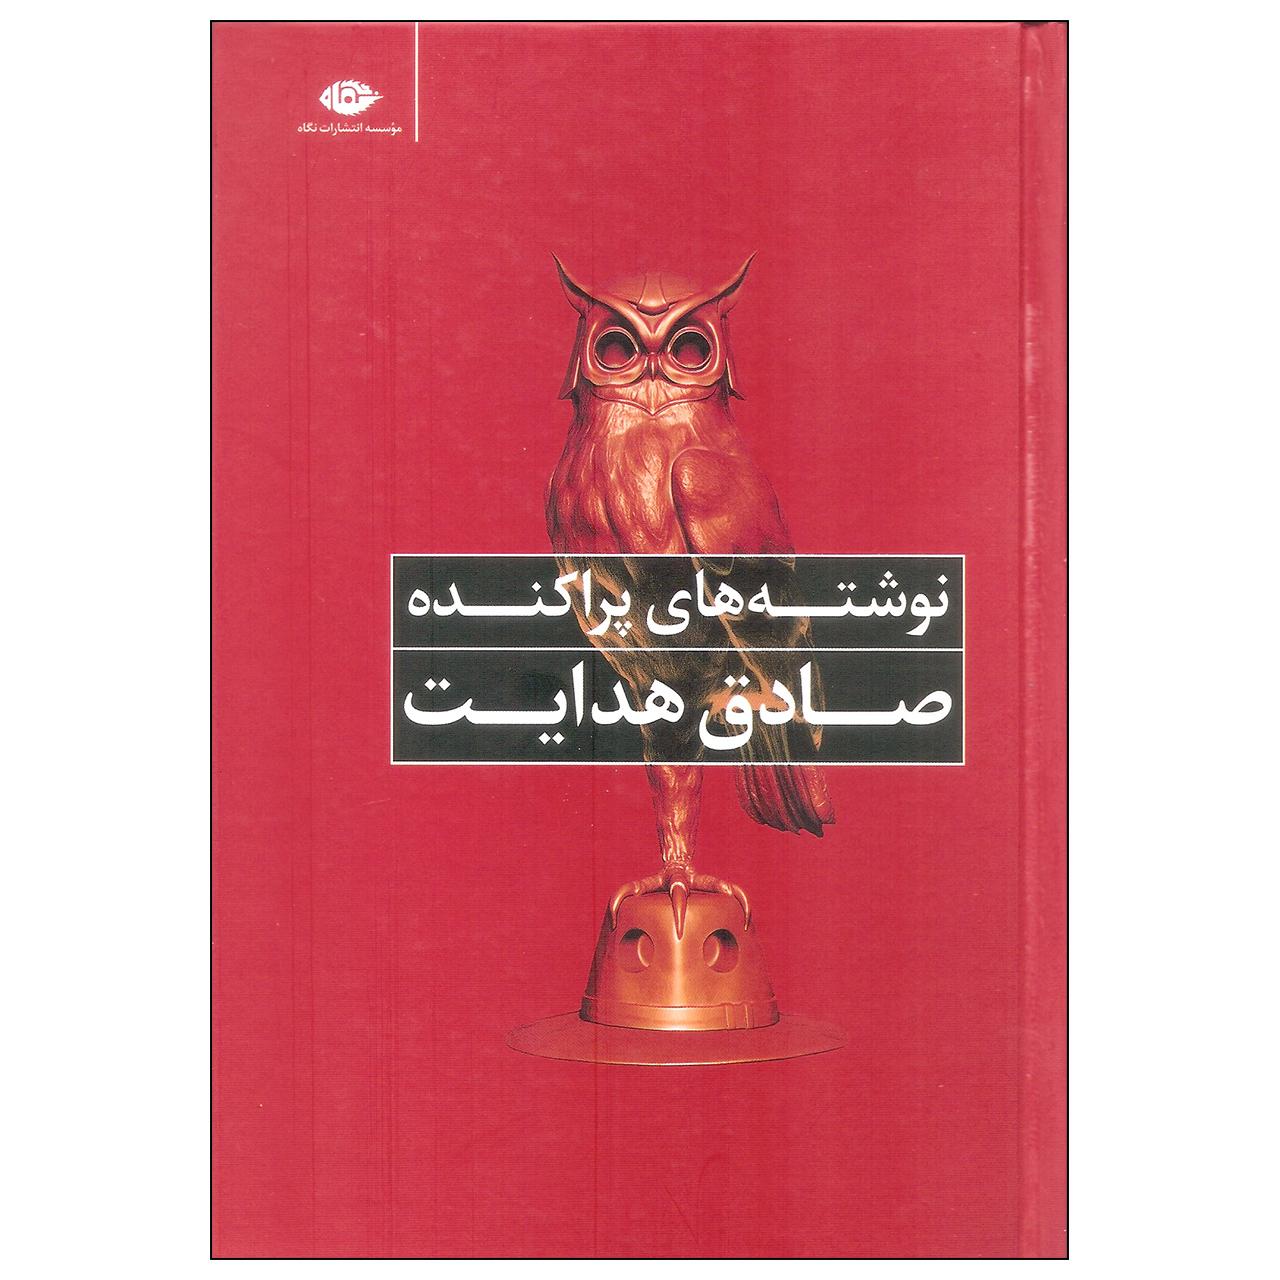 خرید                      کتاب نوشته های پراکنده صادق هدایت اثر صادق هدایت نشر نگاه